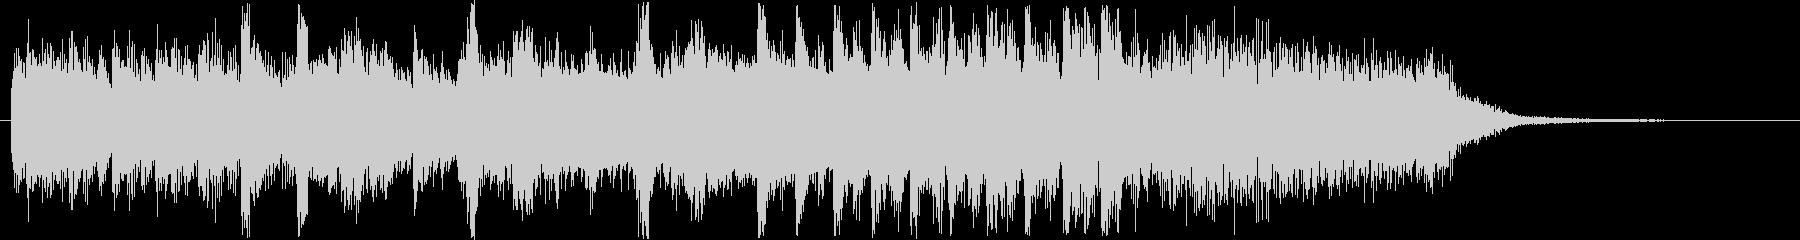 コミカルなシンセ・打楽器など短めの未再生の波形